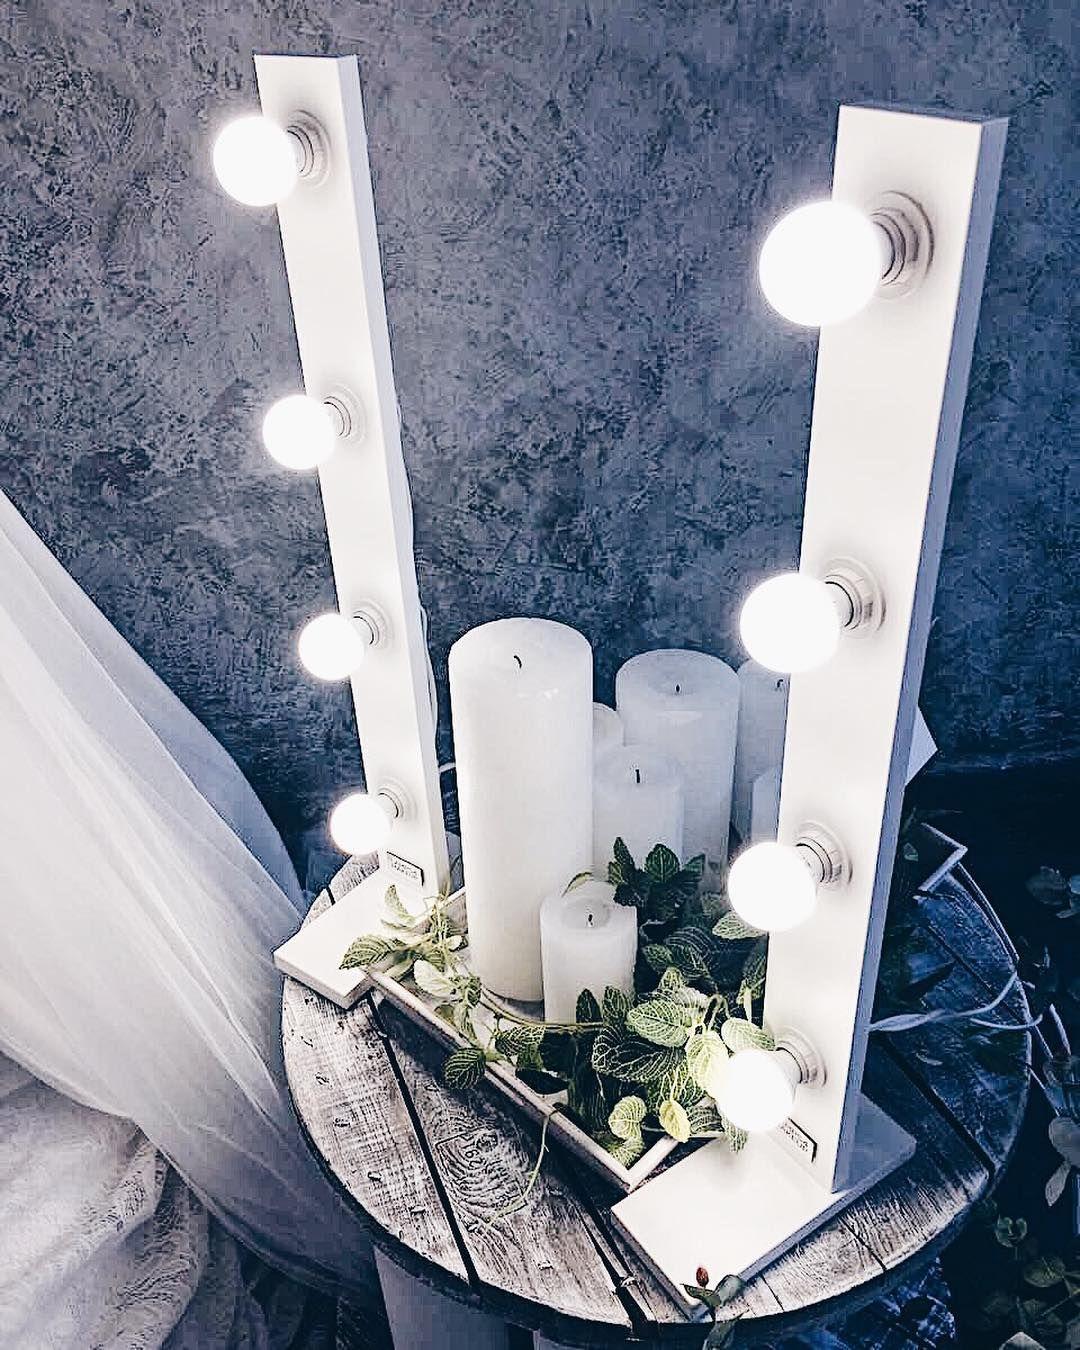 Wandspiegel Beleuchtet Schminkspiegel Schminkspiegel Mit Beleuchtung Schminktisch Spiegel